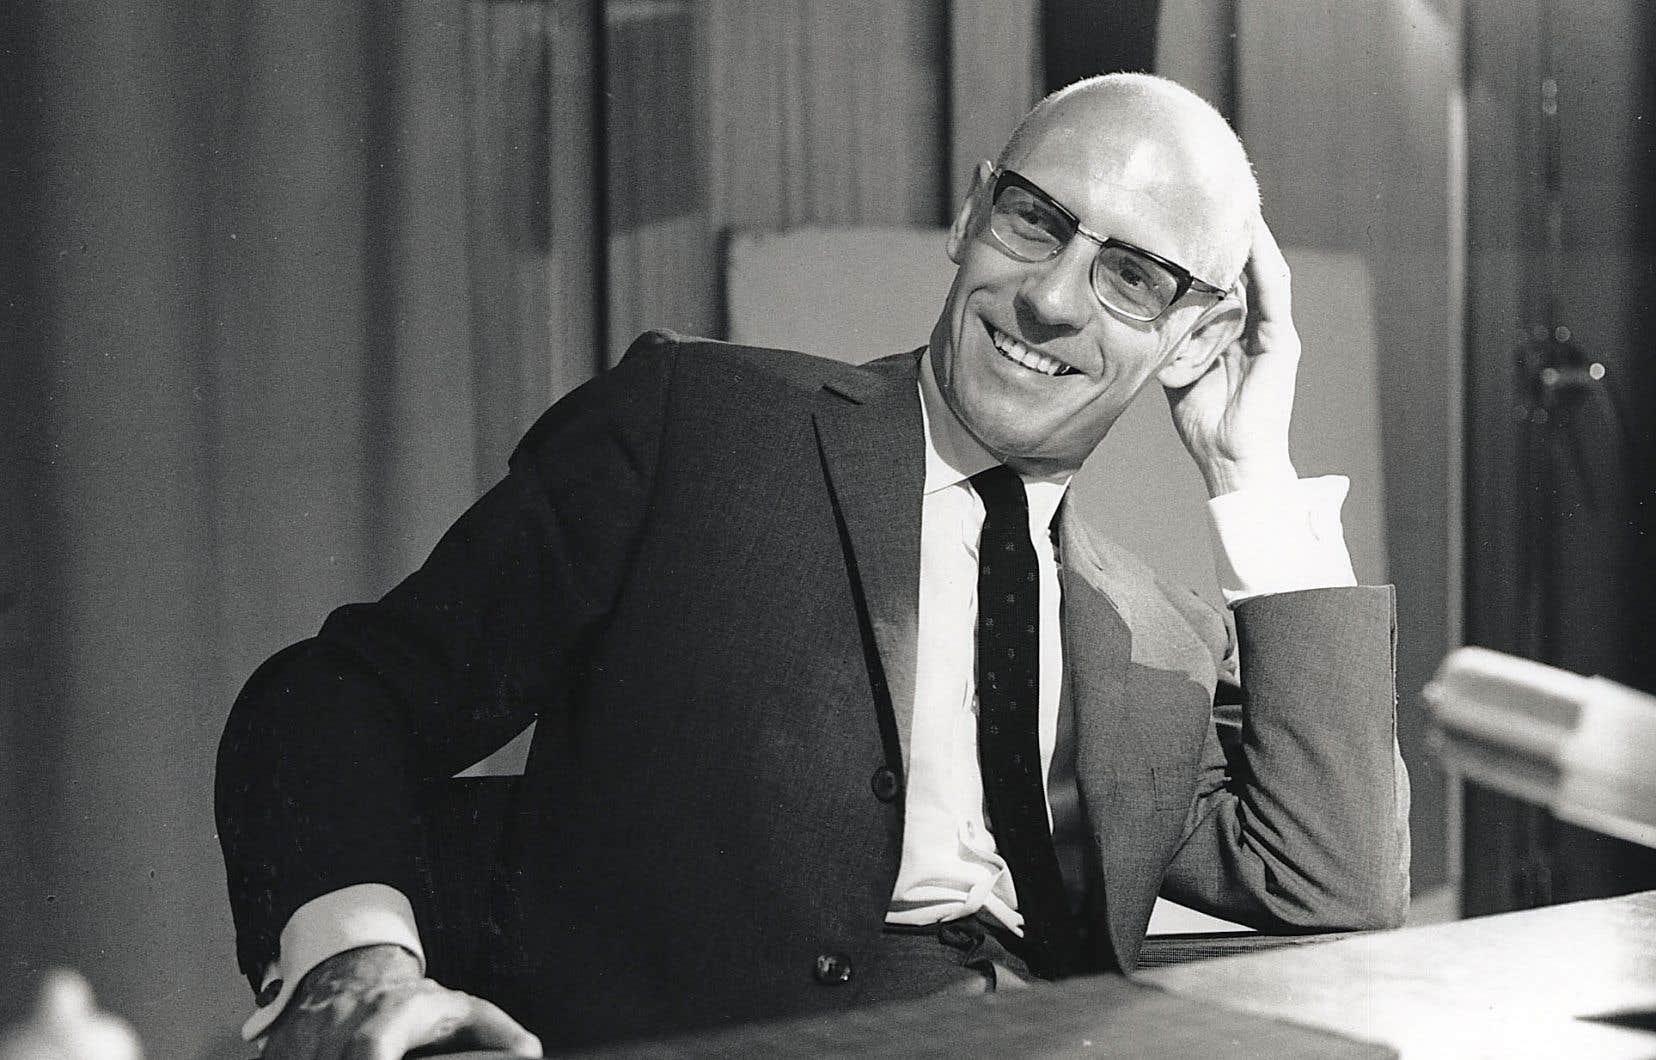 Depuis l'au-delà, 34ans après sa mort, Michel Foucault complète son «ontologie historique de nous-mêmes» dans un texte inédit qui vient de paraître.